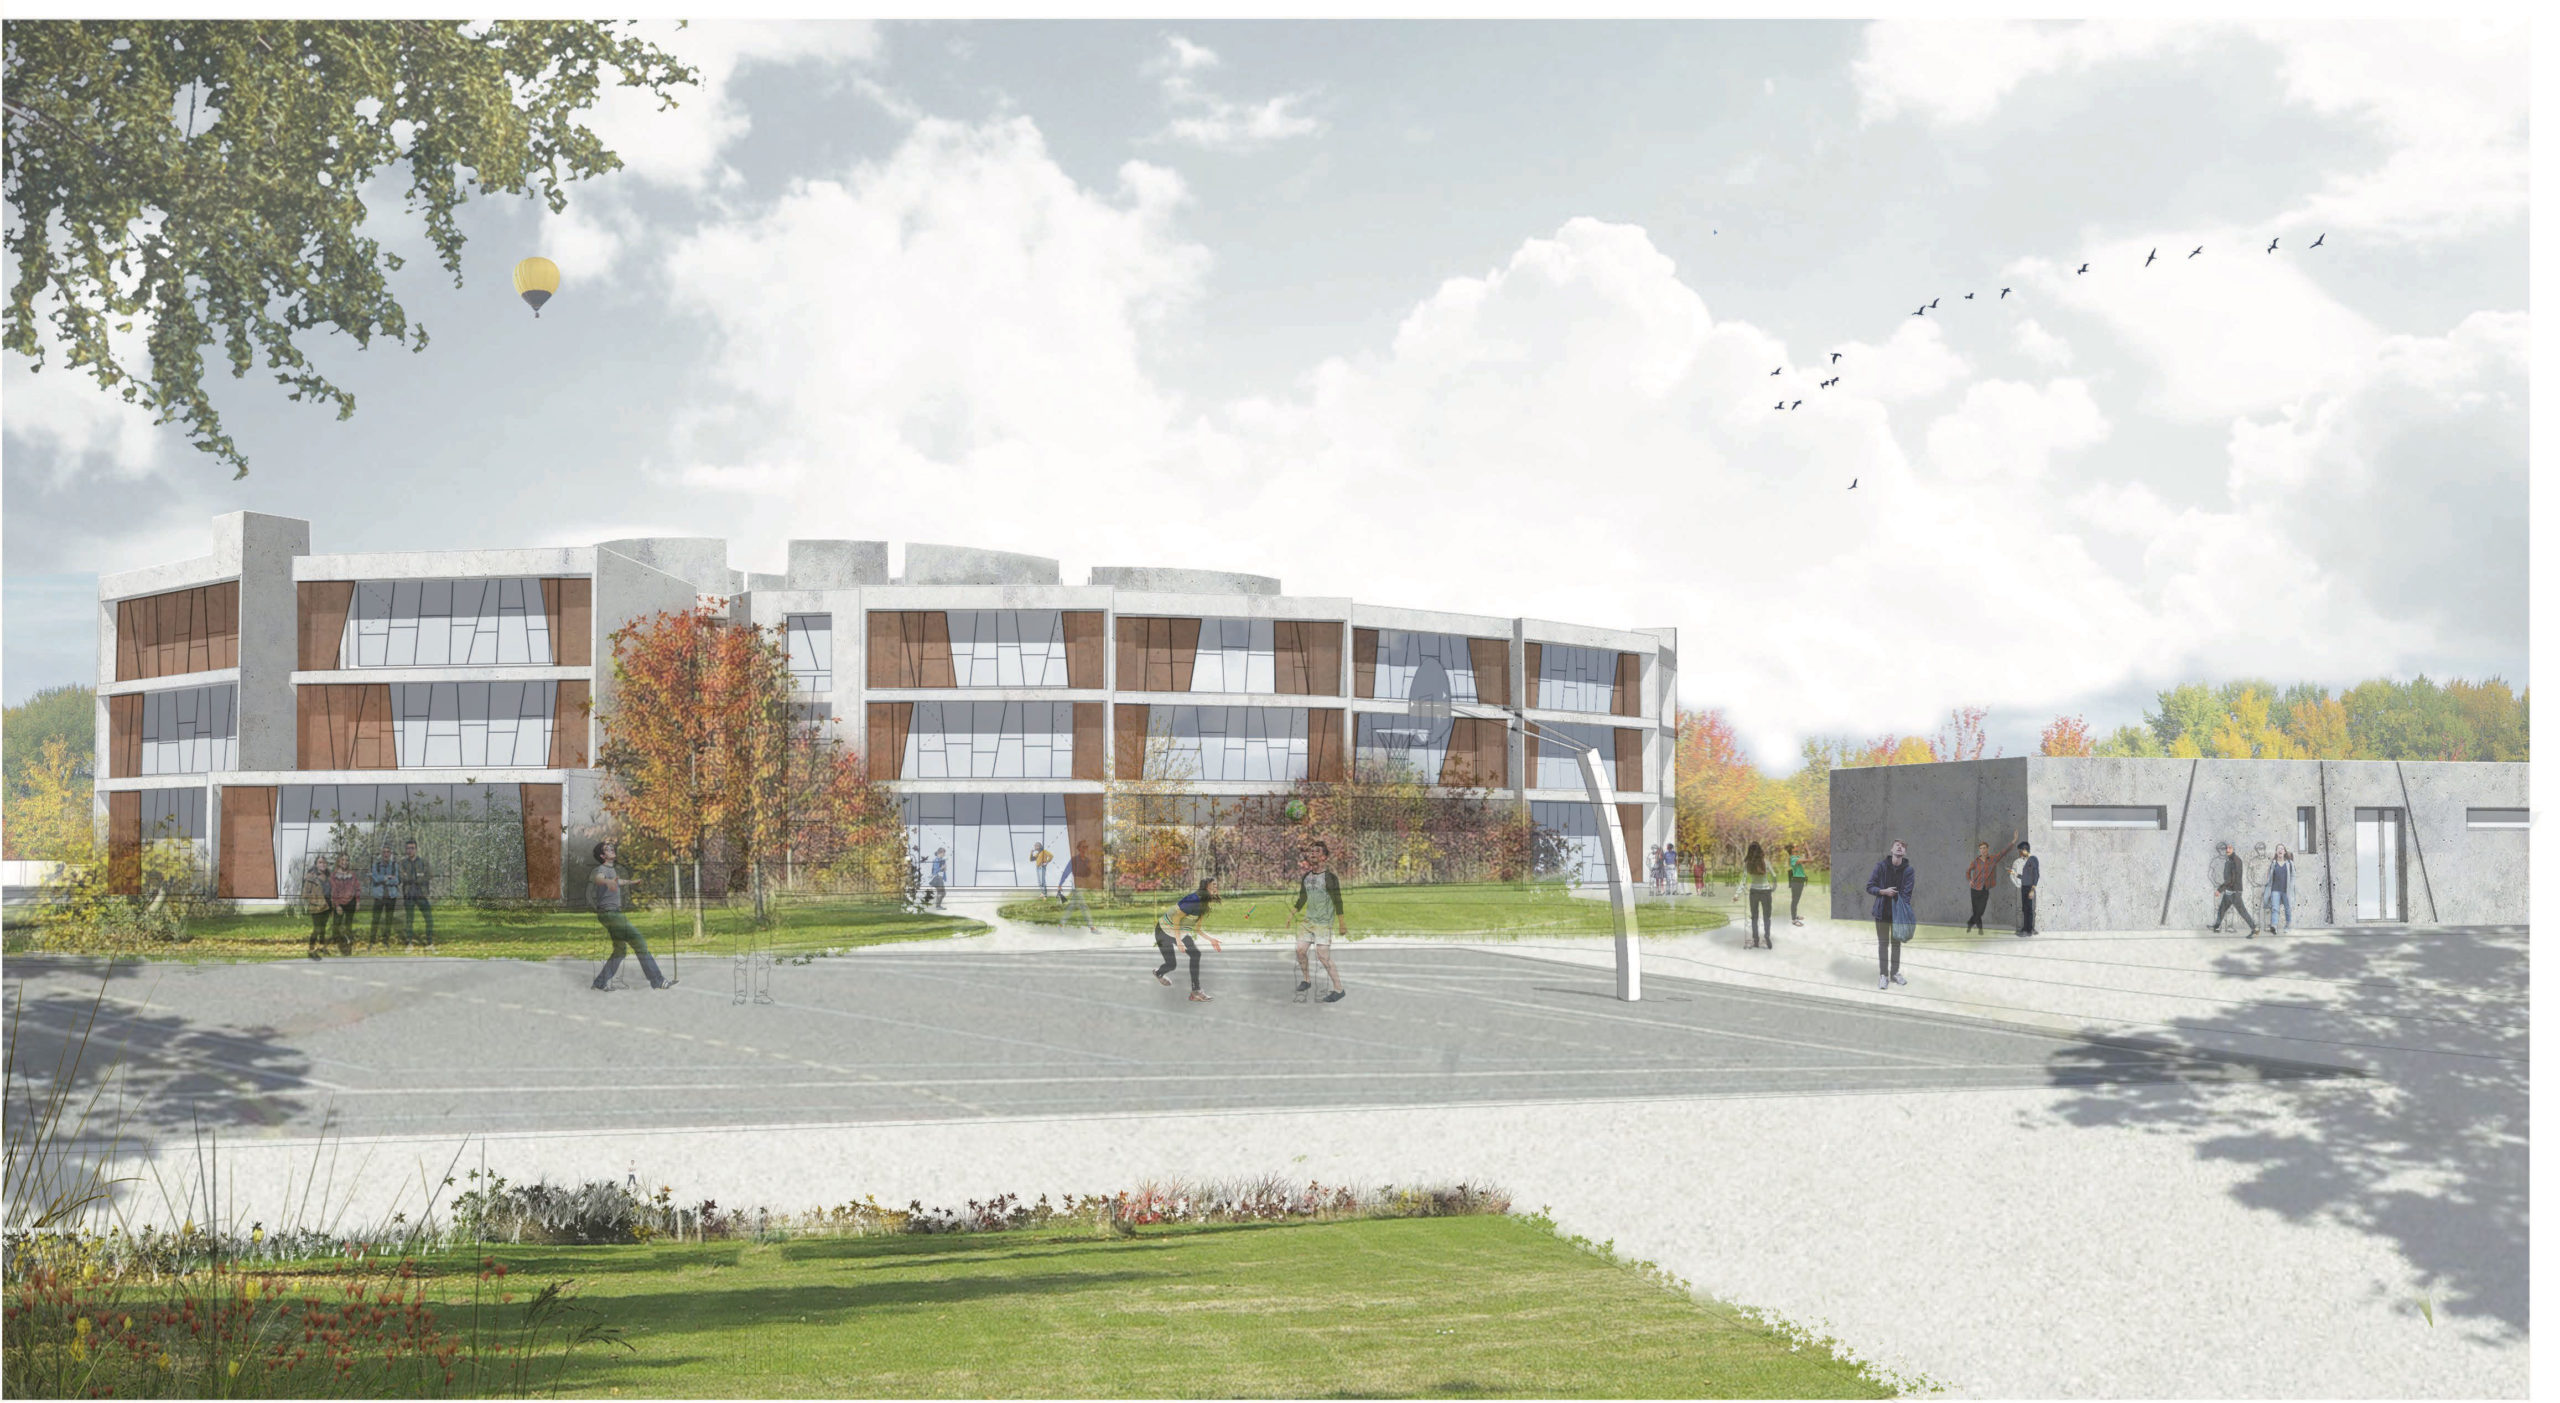 Projet de lycée Sainte-Marie Lyon à Meyzieu soutenu par le MEDEF Lyon-Rhône pour l'attractivité du territoire